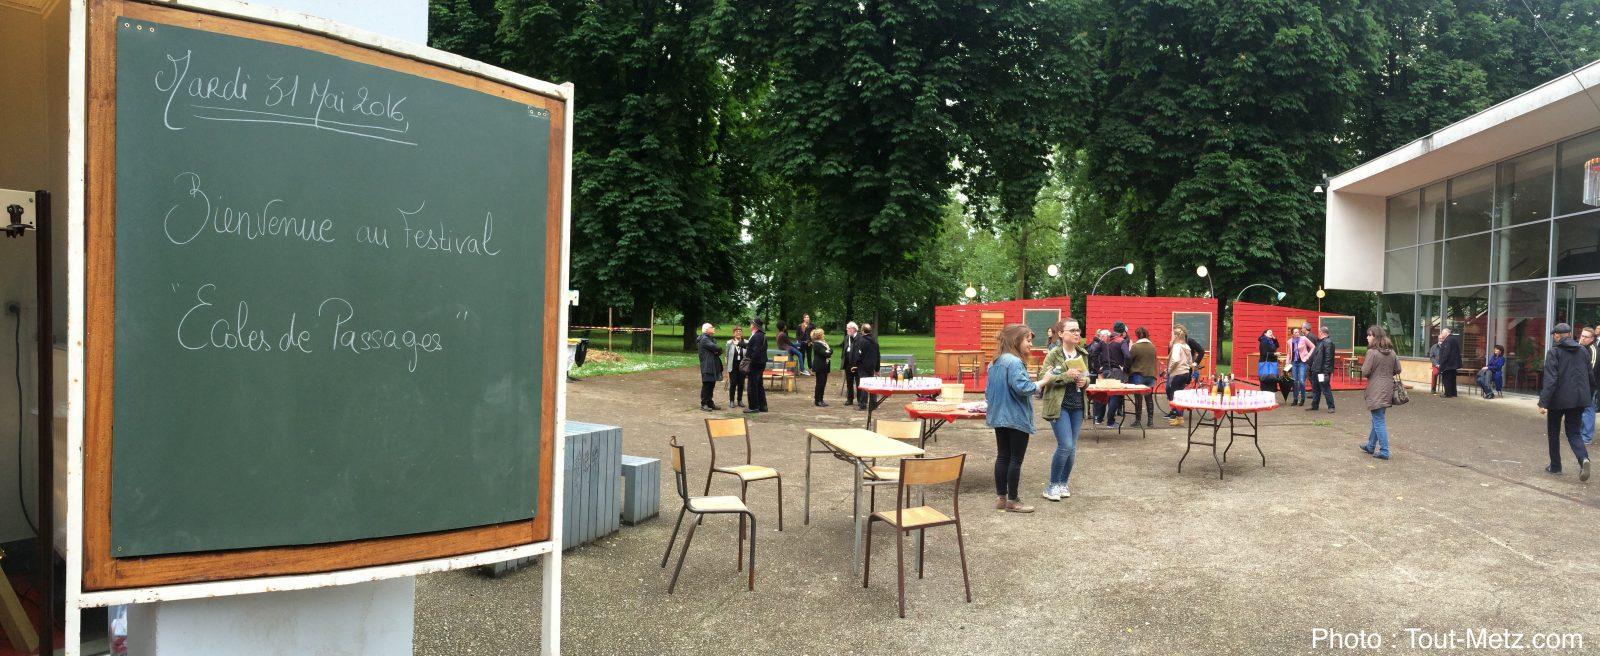 Festival «Écoles de Passages» à Metz : les élèves comédiens sur le devant de la scène